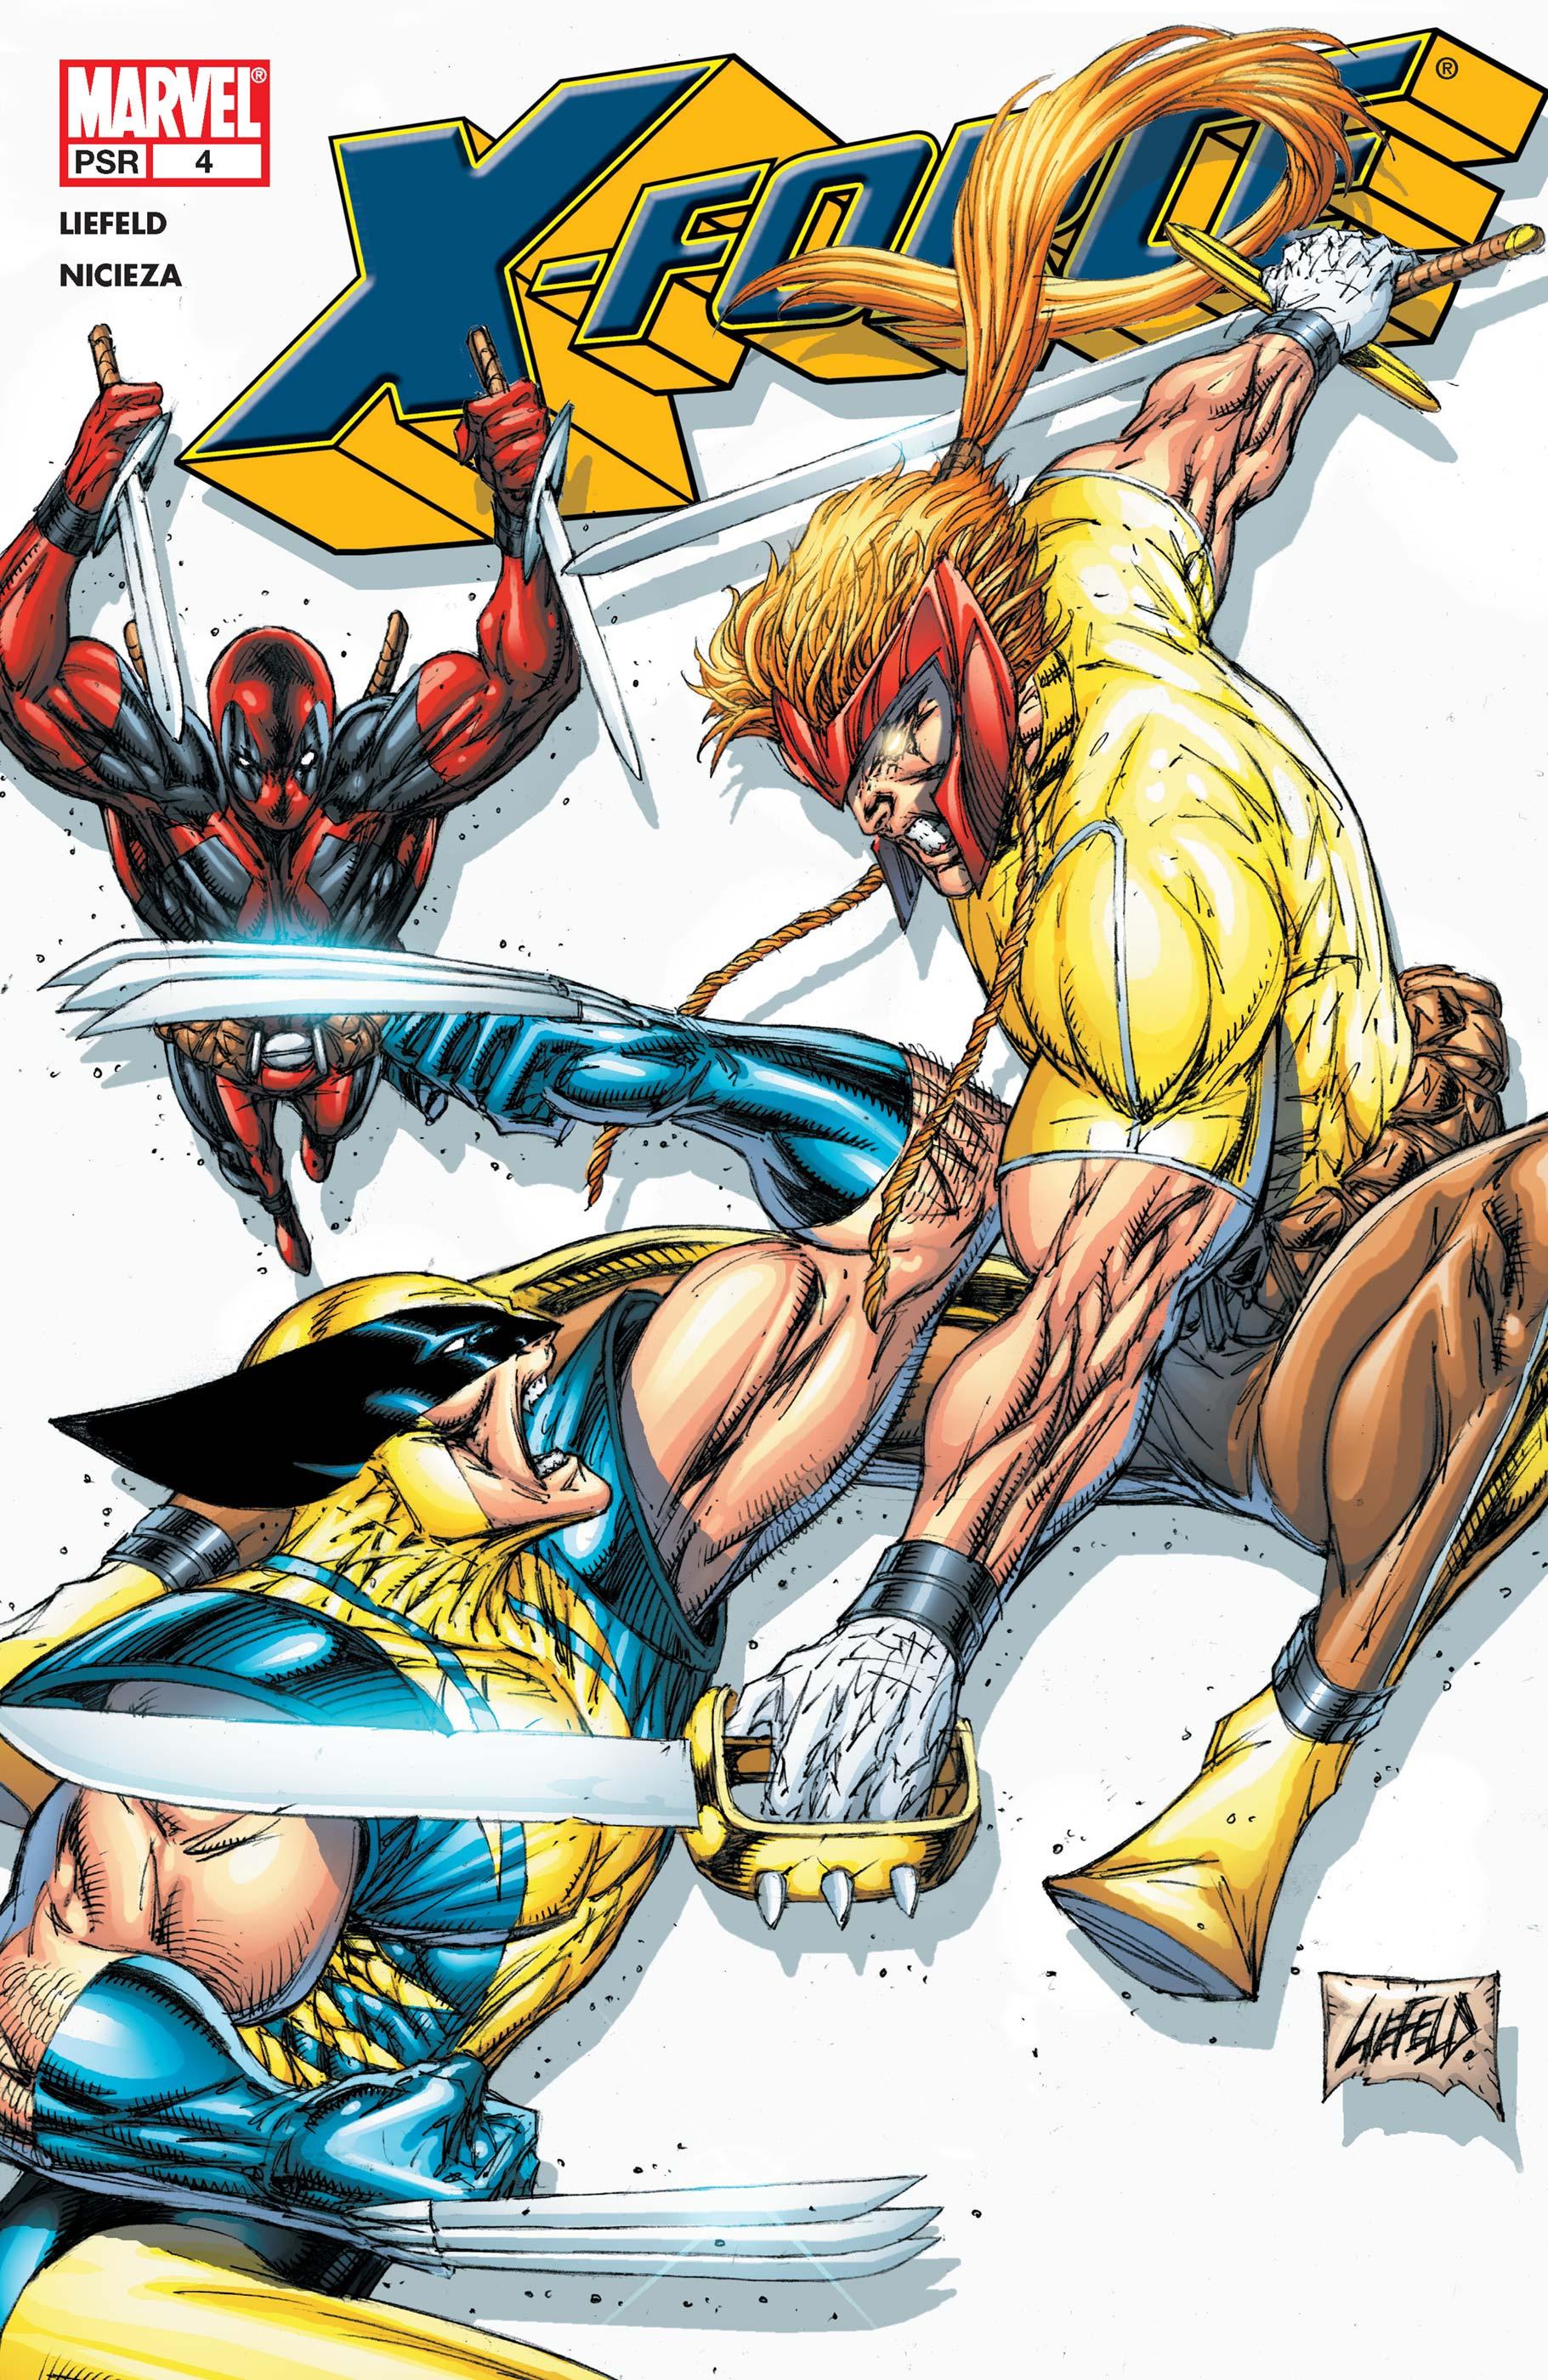 X-Force (2004) #4